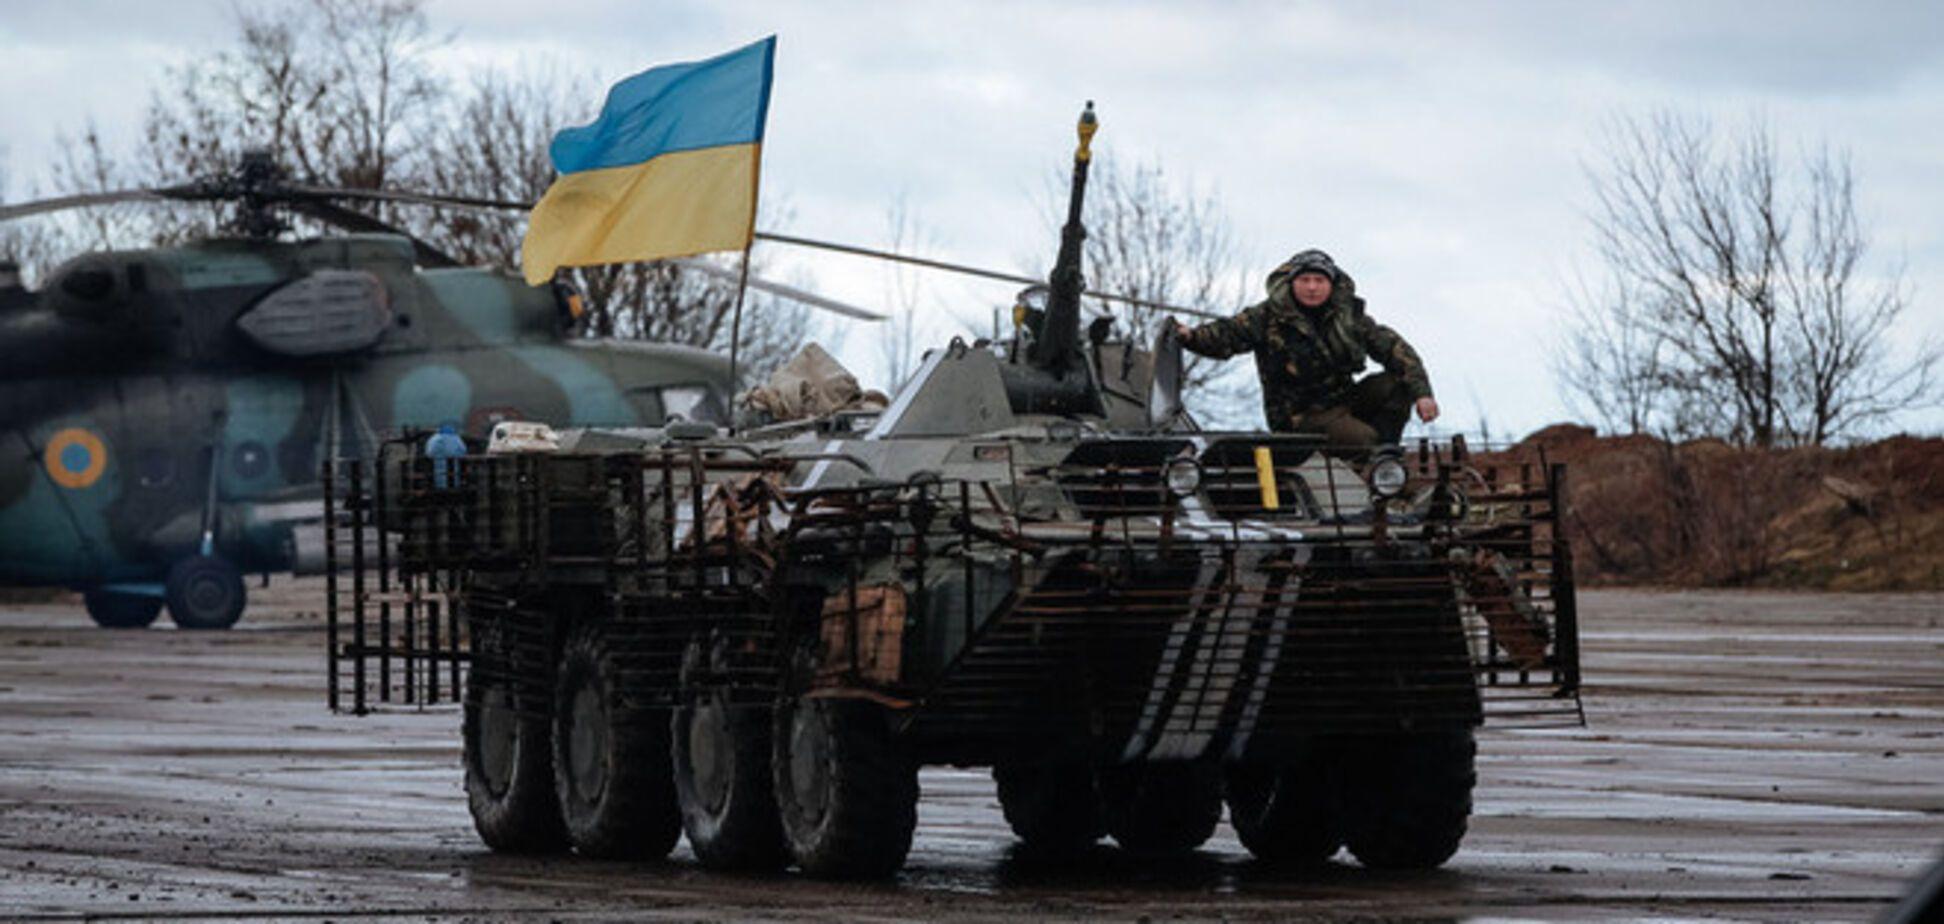 Война с украинцами у вас часть прекрасного, великого года?